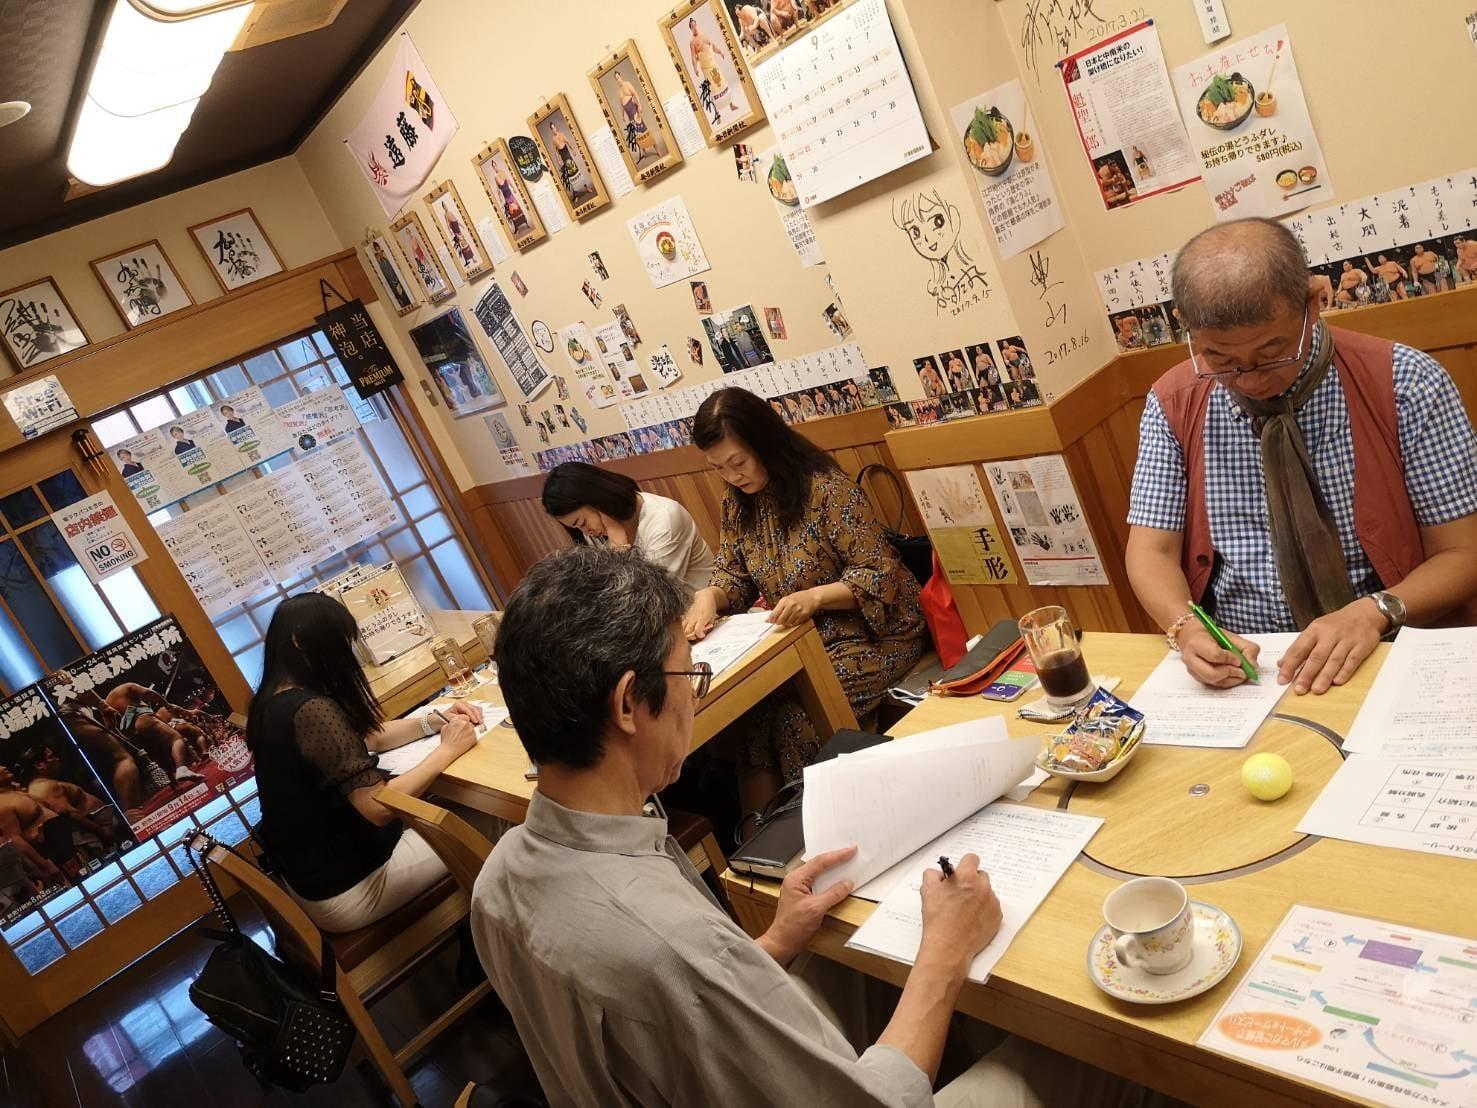 11月12日(火)満月にココロを満たす、映画「美しき緑の星」上映カフェ会♪のイメージその4